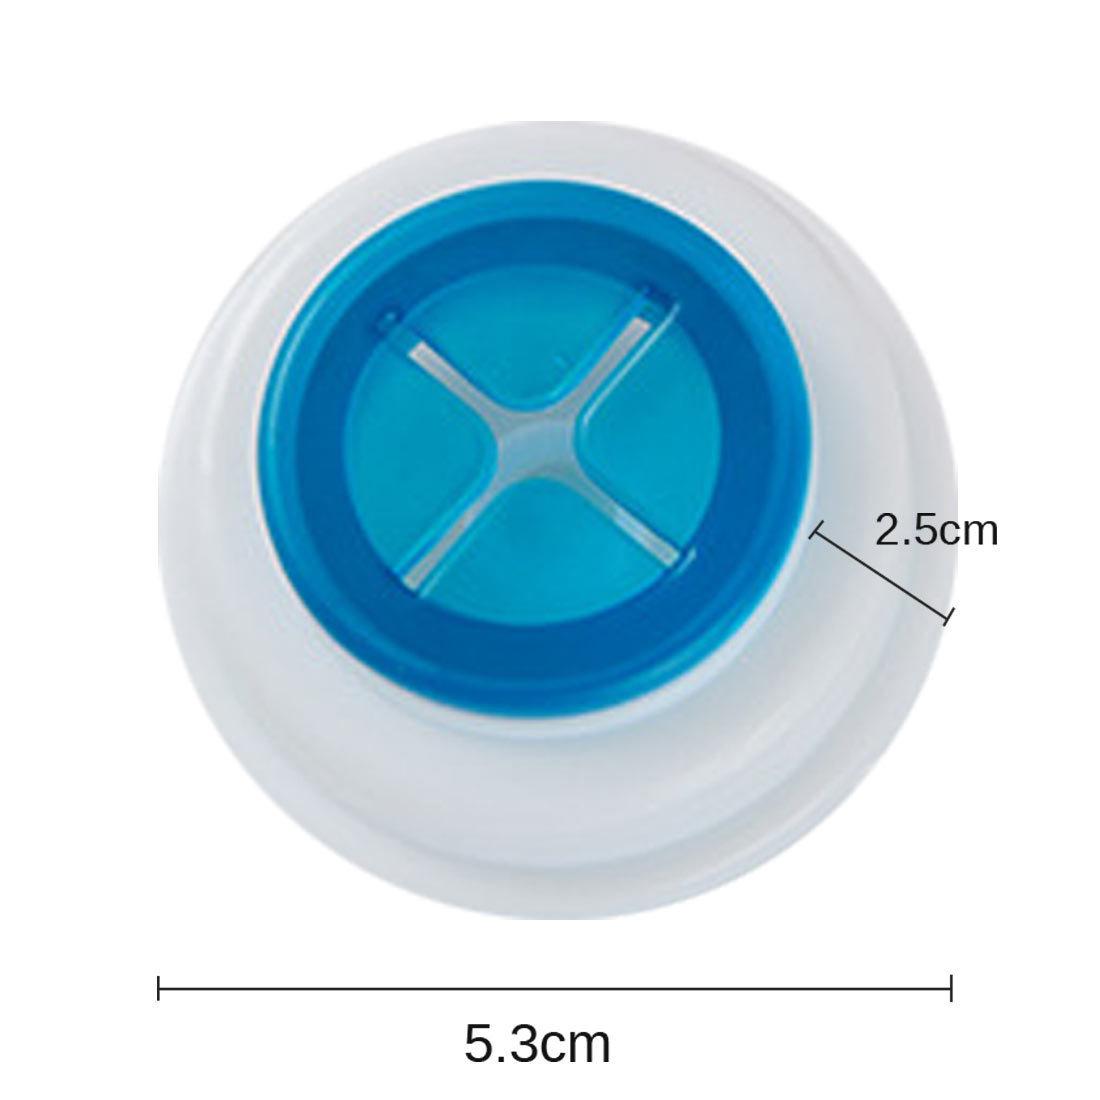 Estante de pared Soporte de clip de paño de lavado Recubrimiento para platos Almacenamiento en el baño Almacenamiento de toallas de mano Estante de baño Artículos de cocina